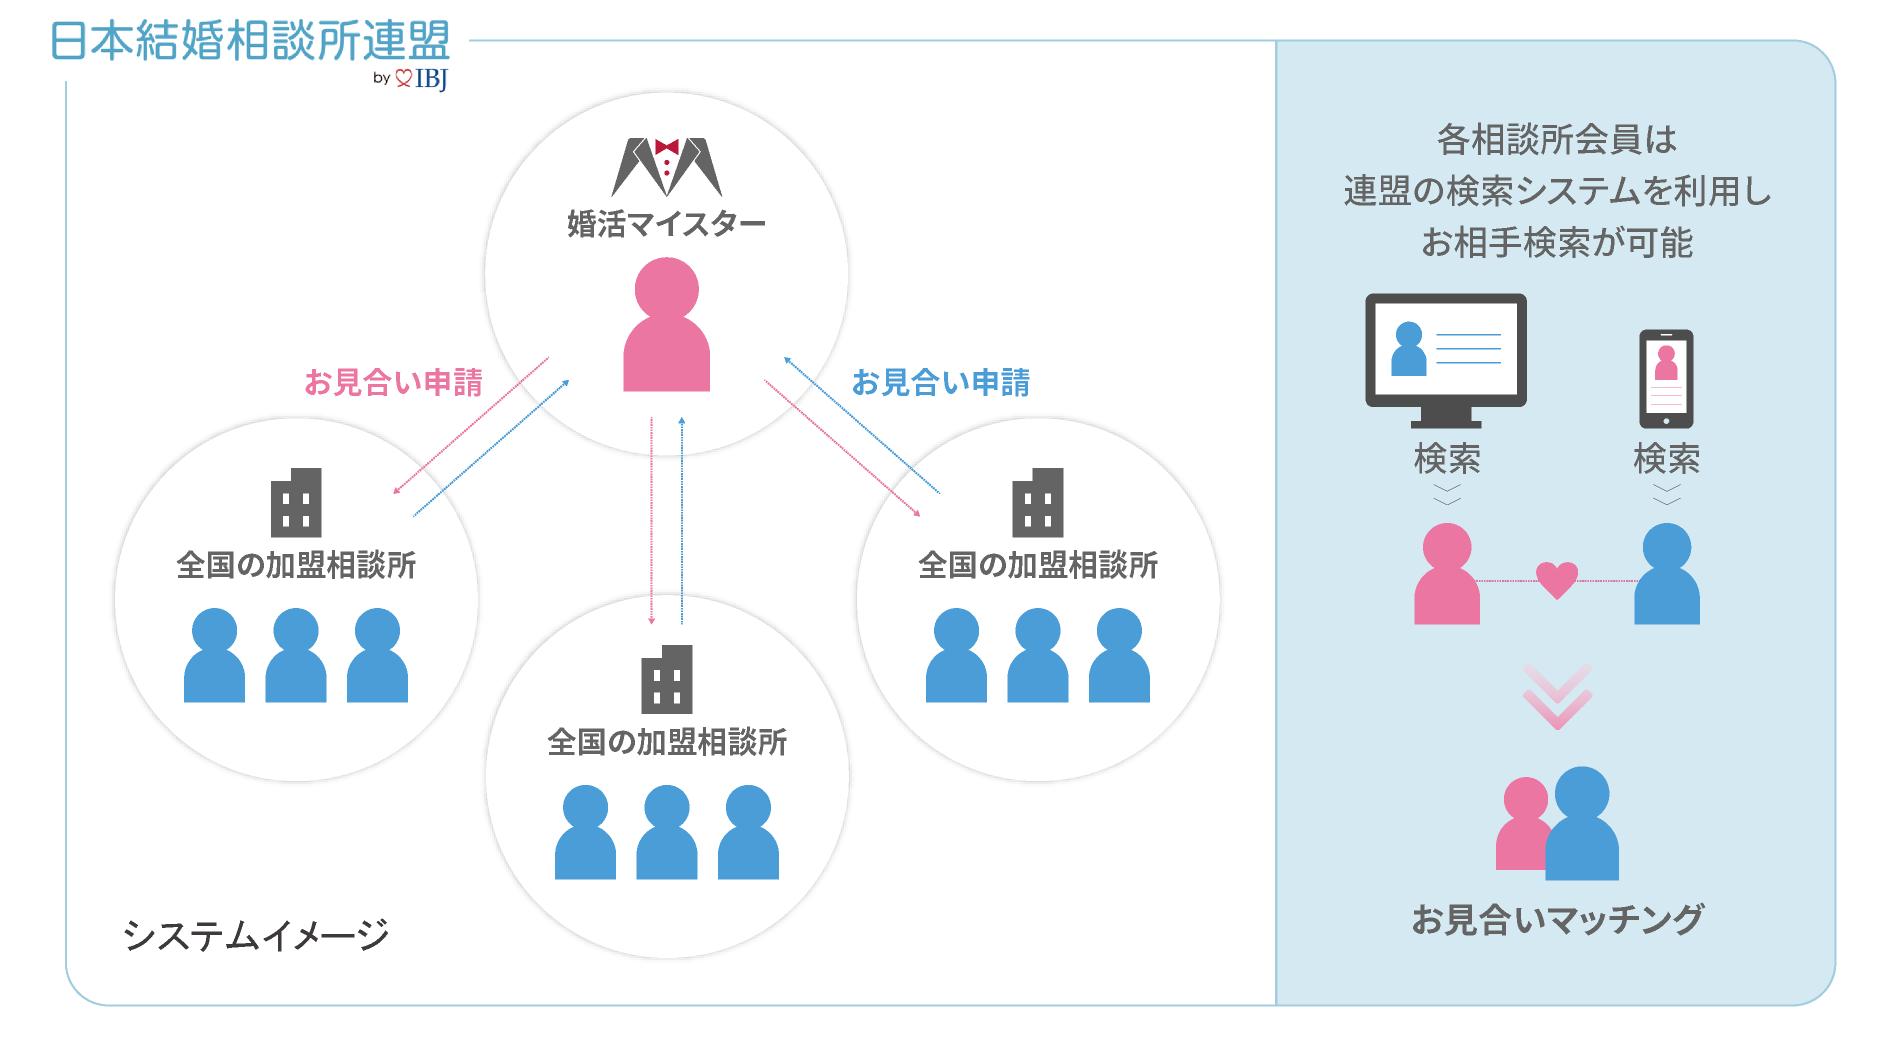 システムイメージ(日本結婚相談連盟の場合)